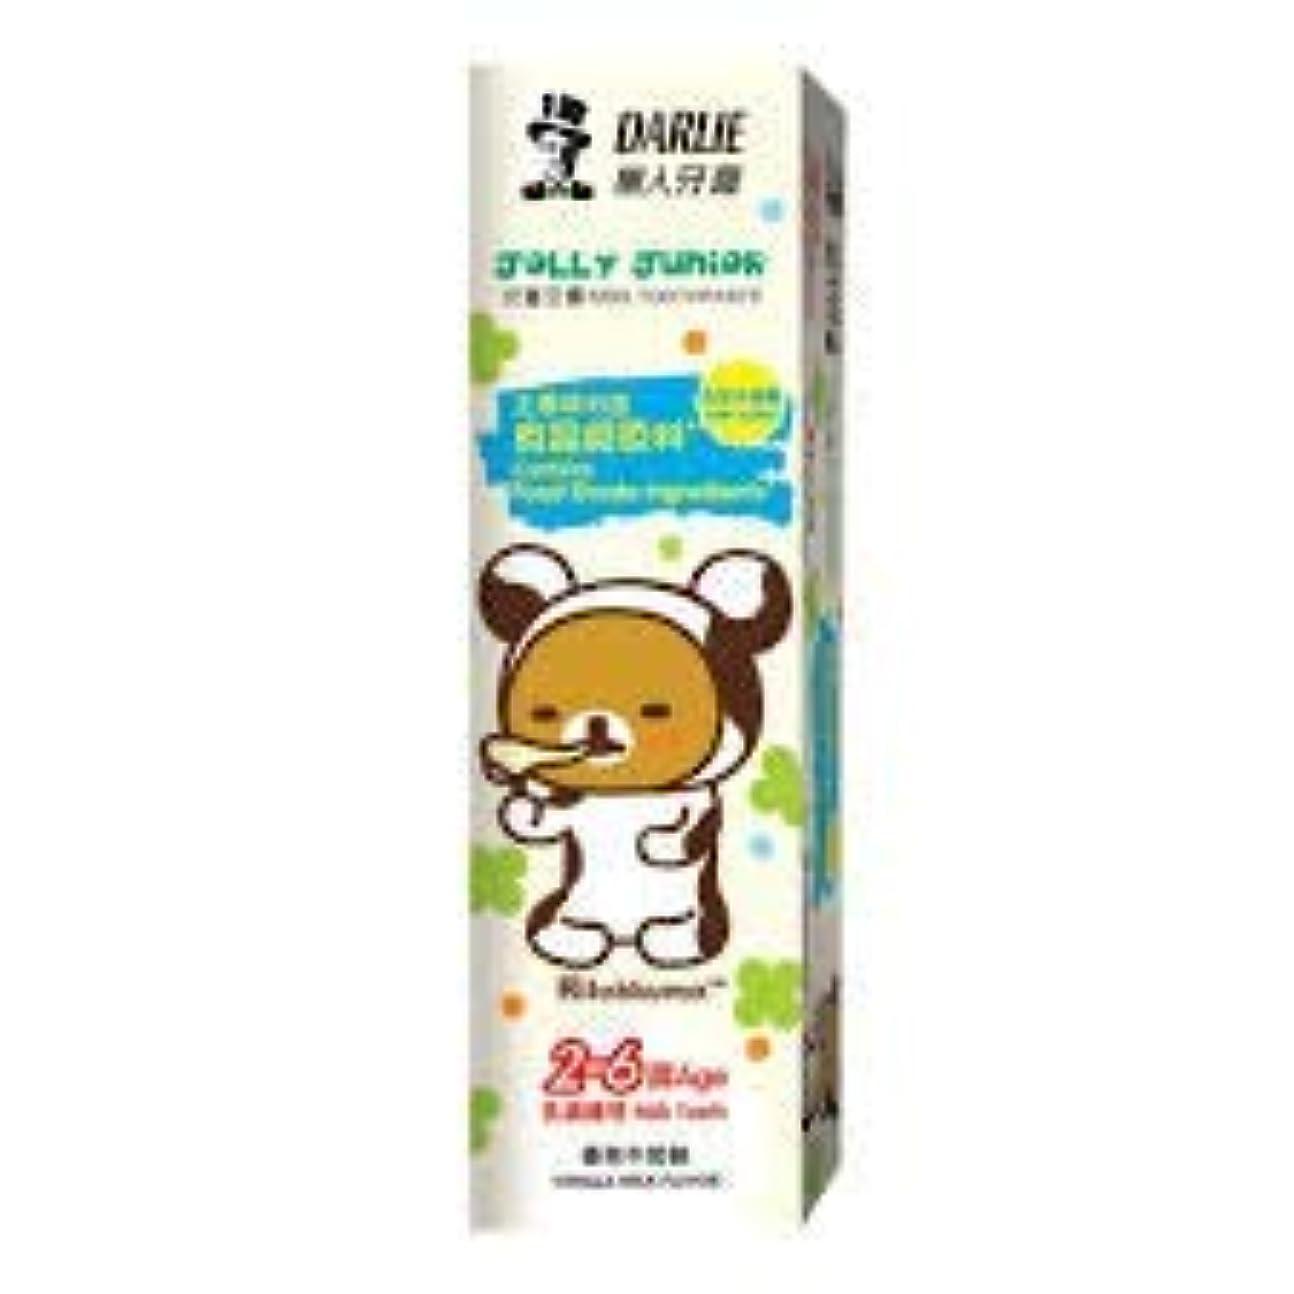 軽夫婦薄めるDARLIE ハッピーティーンエイジャーの歯磨き粉2-6歳歯磨き粉60グラムバニラミルクは - 虫歯を防ぐためにキシリトールを含む、ミルクの歯と準備して子供たちに仕出し料理されます